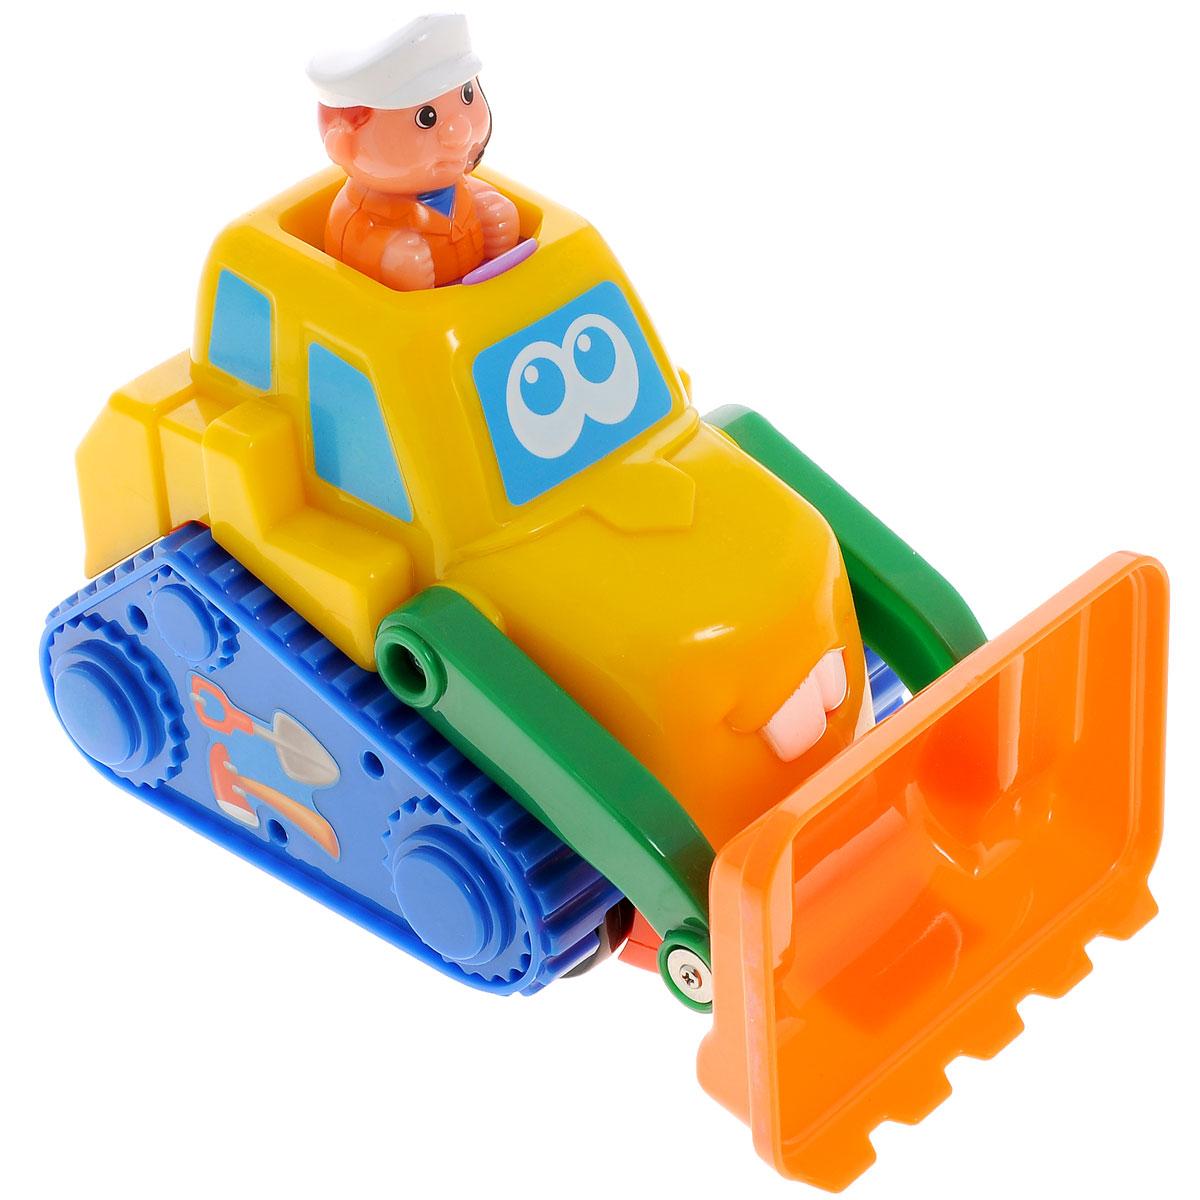 Kiddieland Развивающая игрушка Бульдозер машинки hti паровозик roadsterz синий с вагоном звуковыми и световыми эффектами